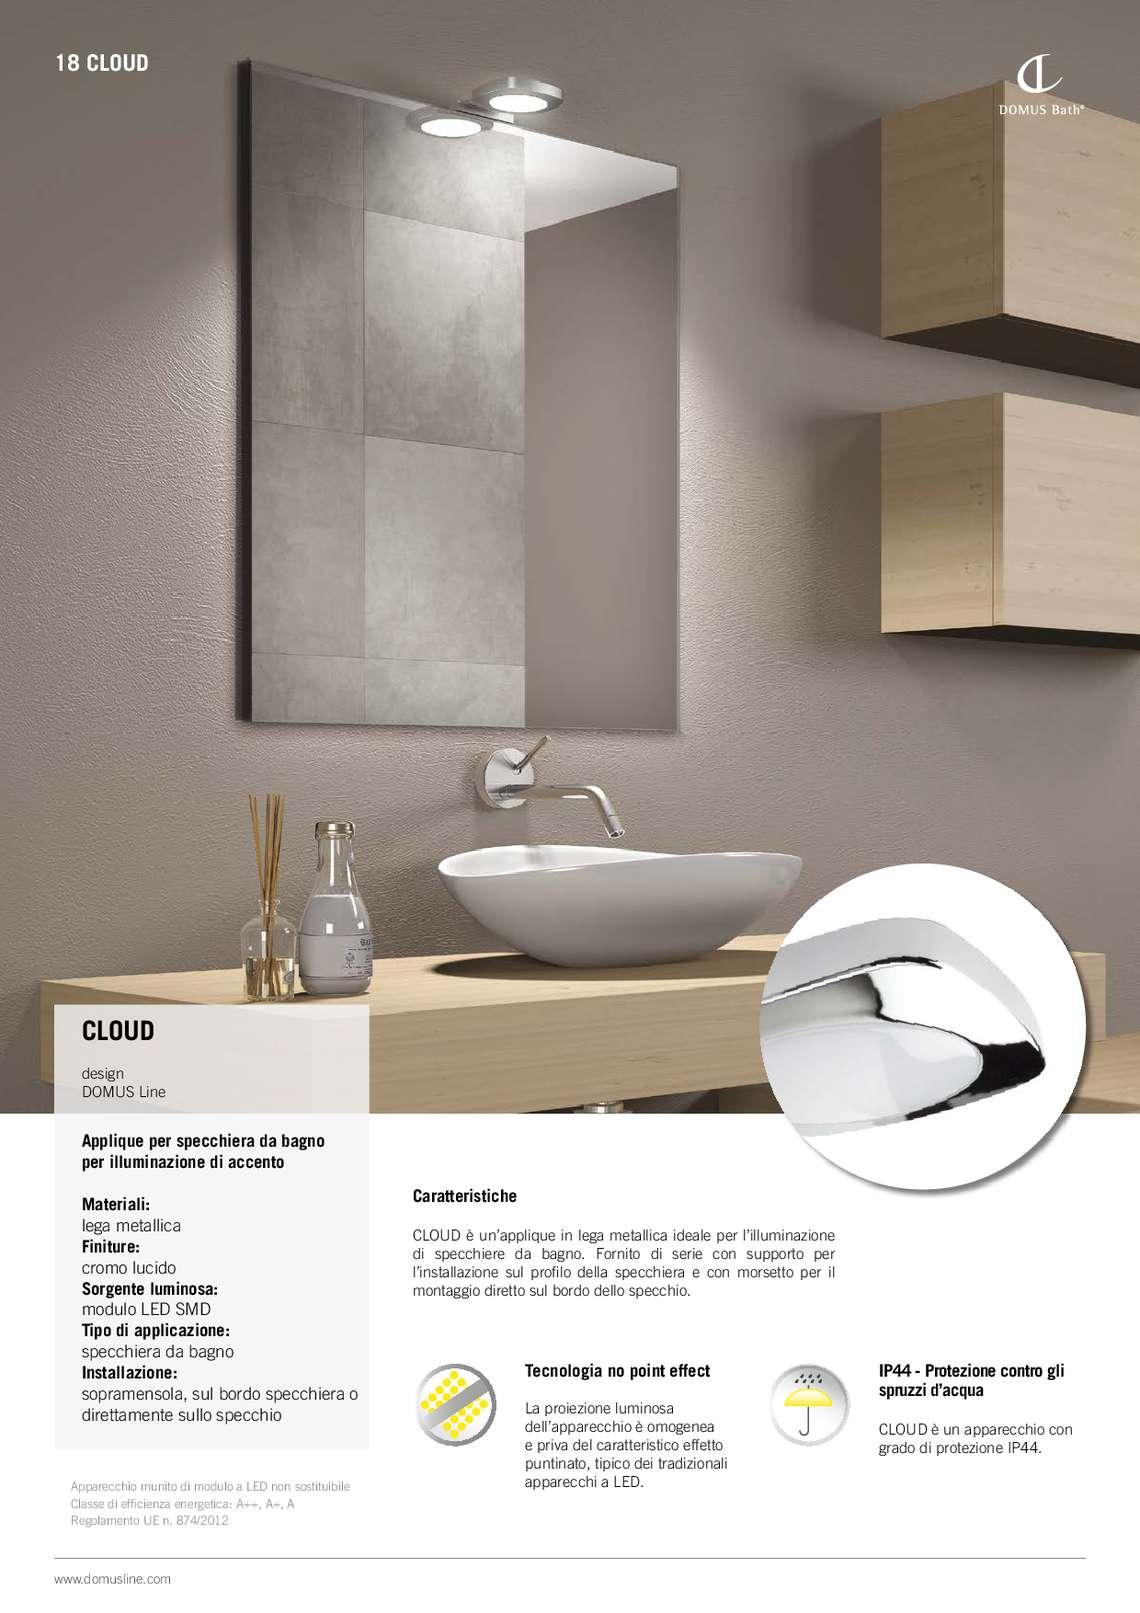 domus-line-bath_24_018.jpg